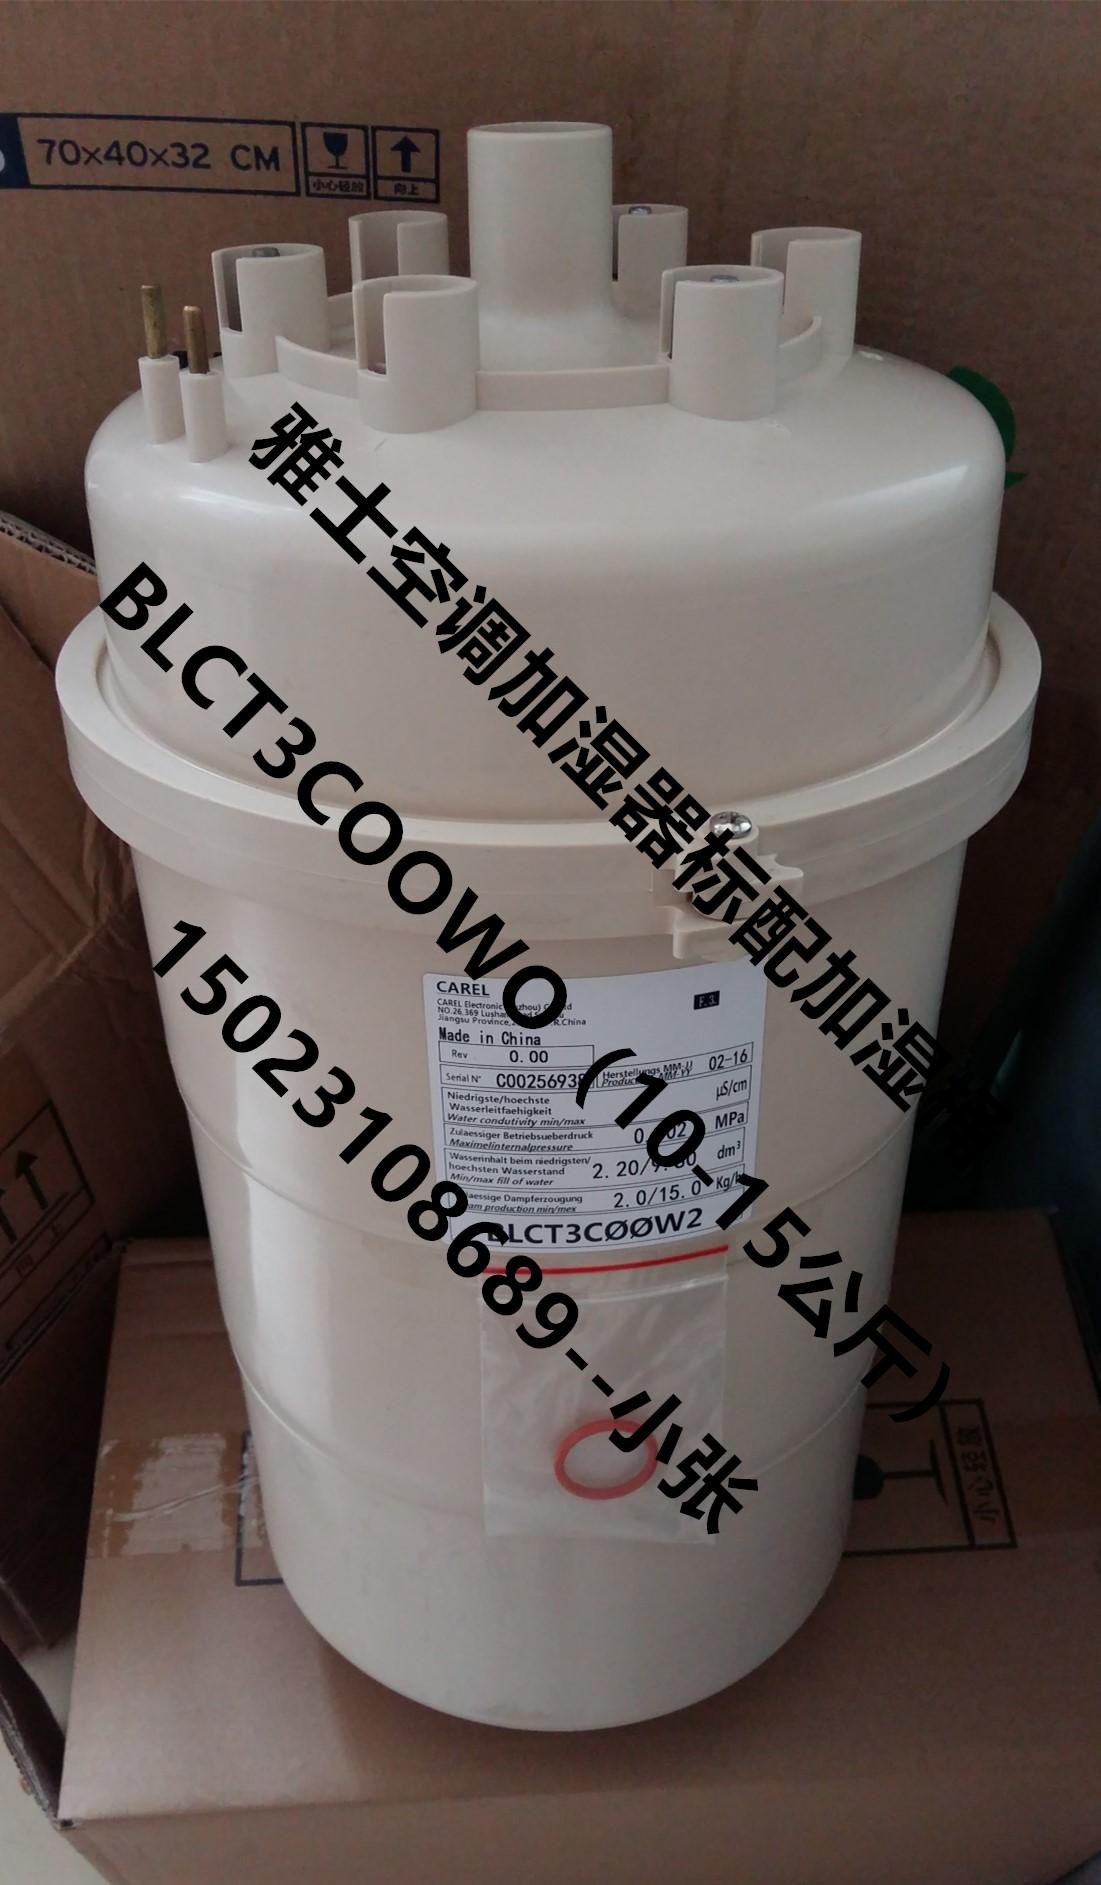 空调加湿桶BLCT3COOHO雅士空调机组标配10-15公斤加湿桶